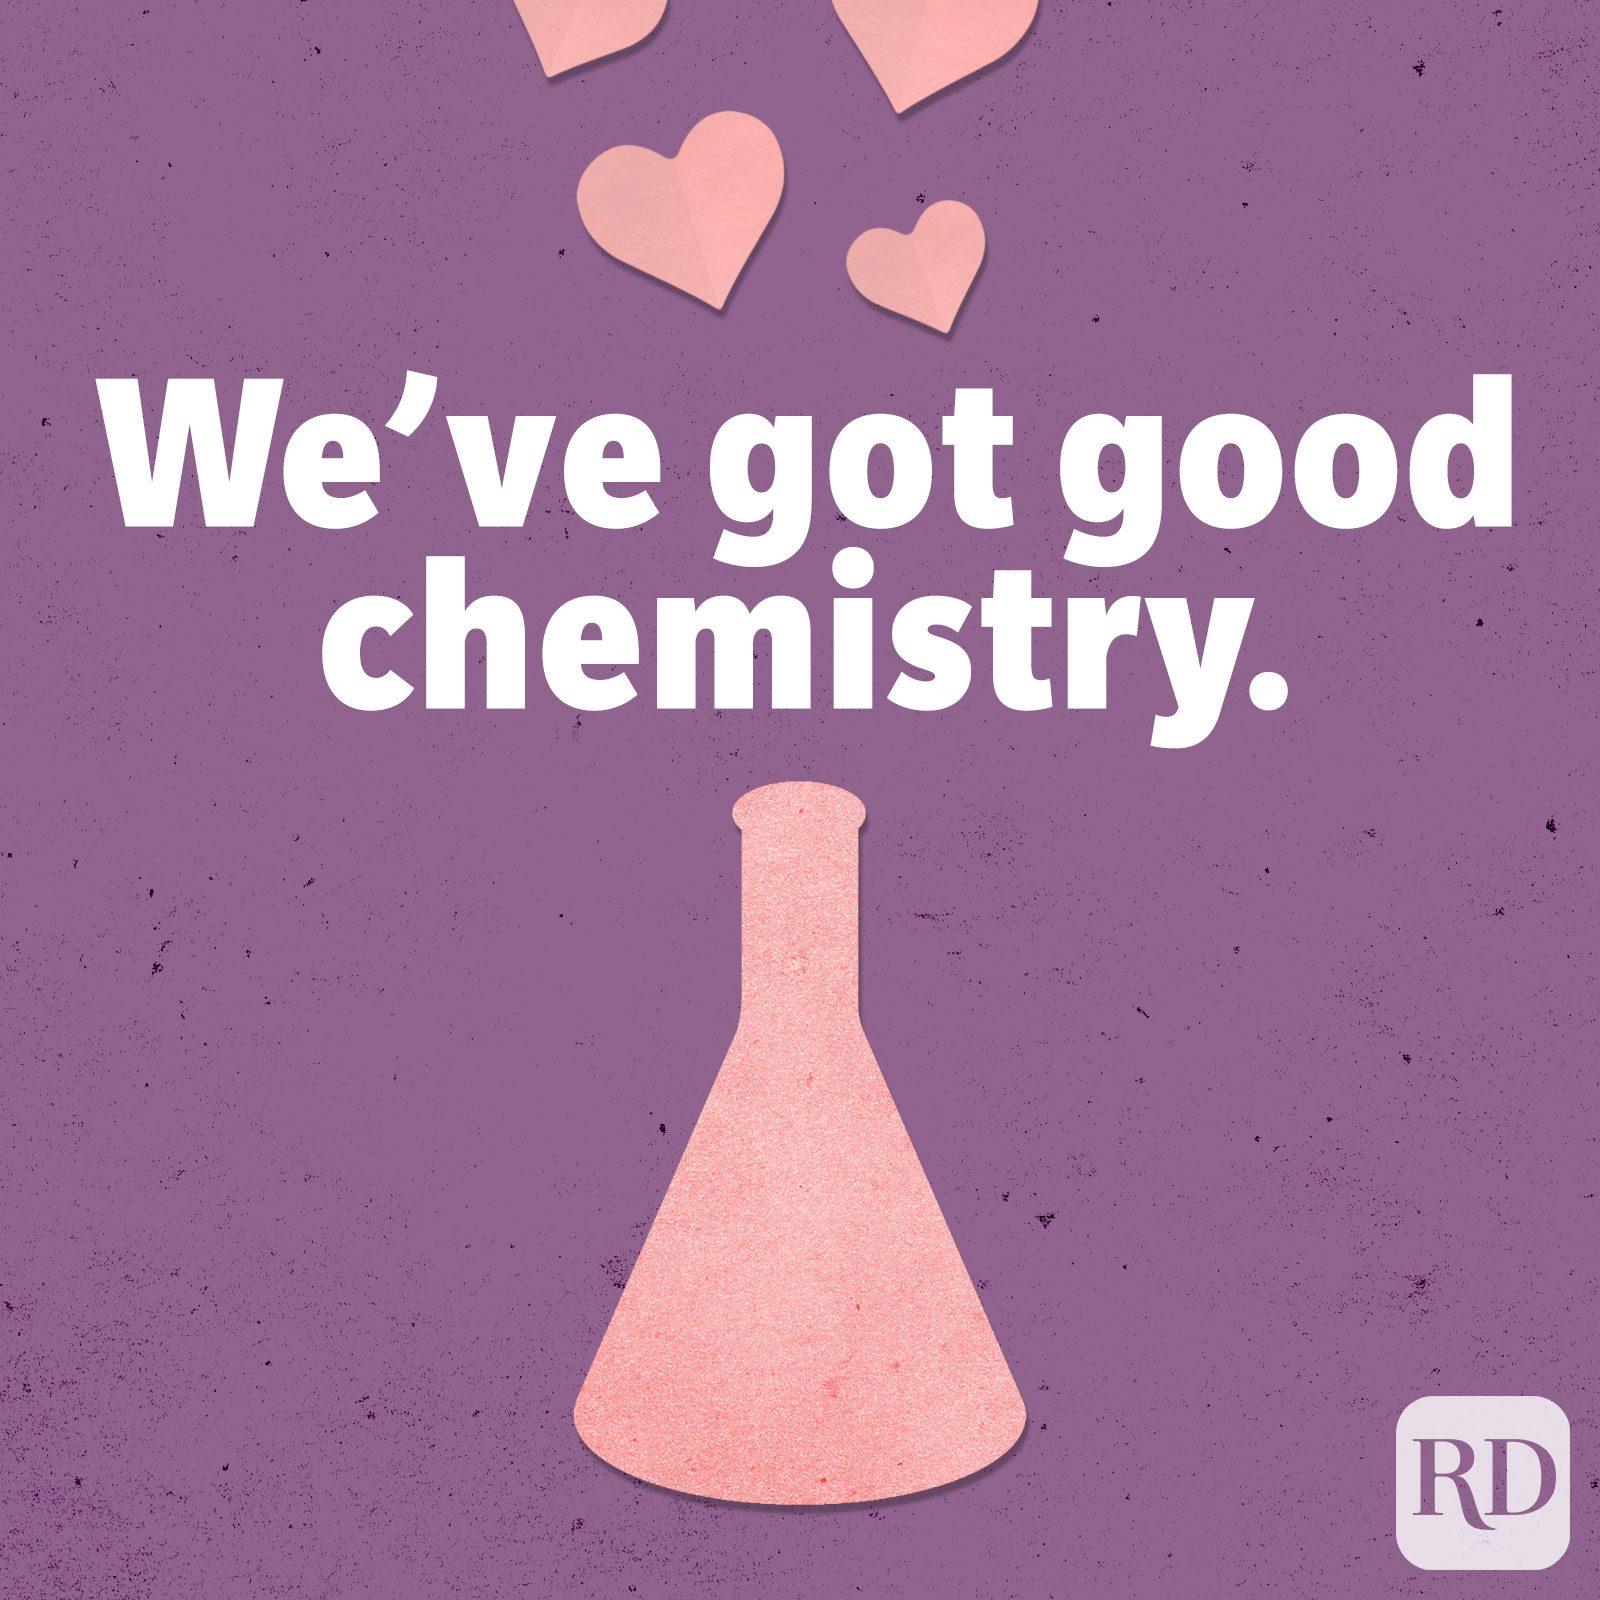 We've got good chemistry.